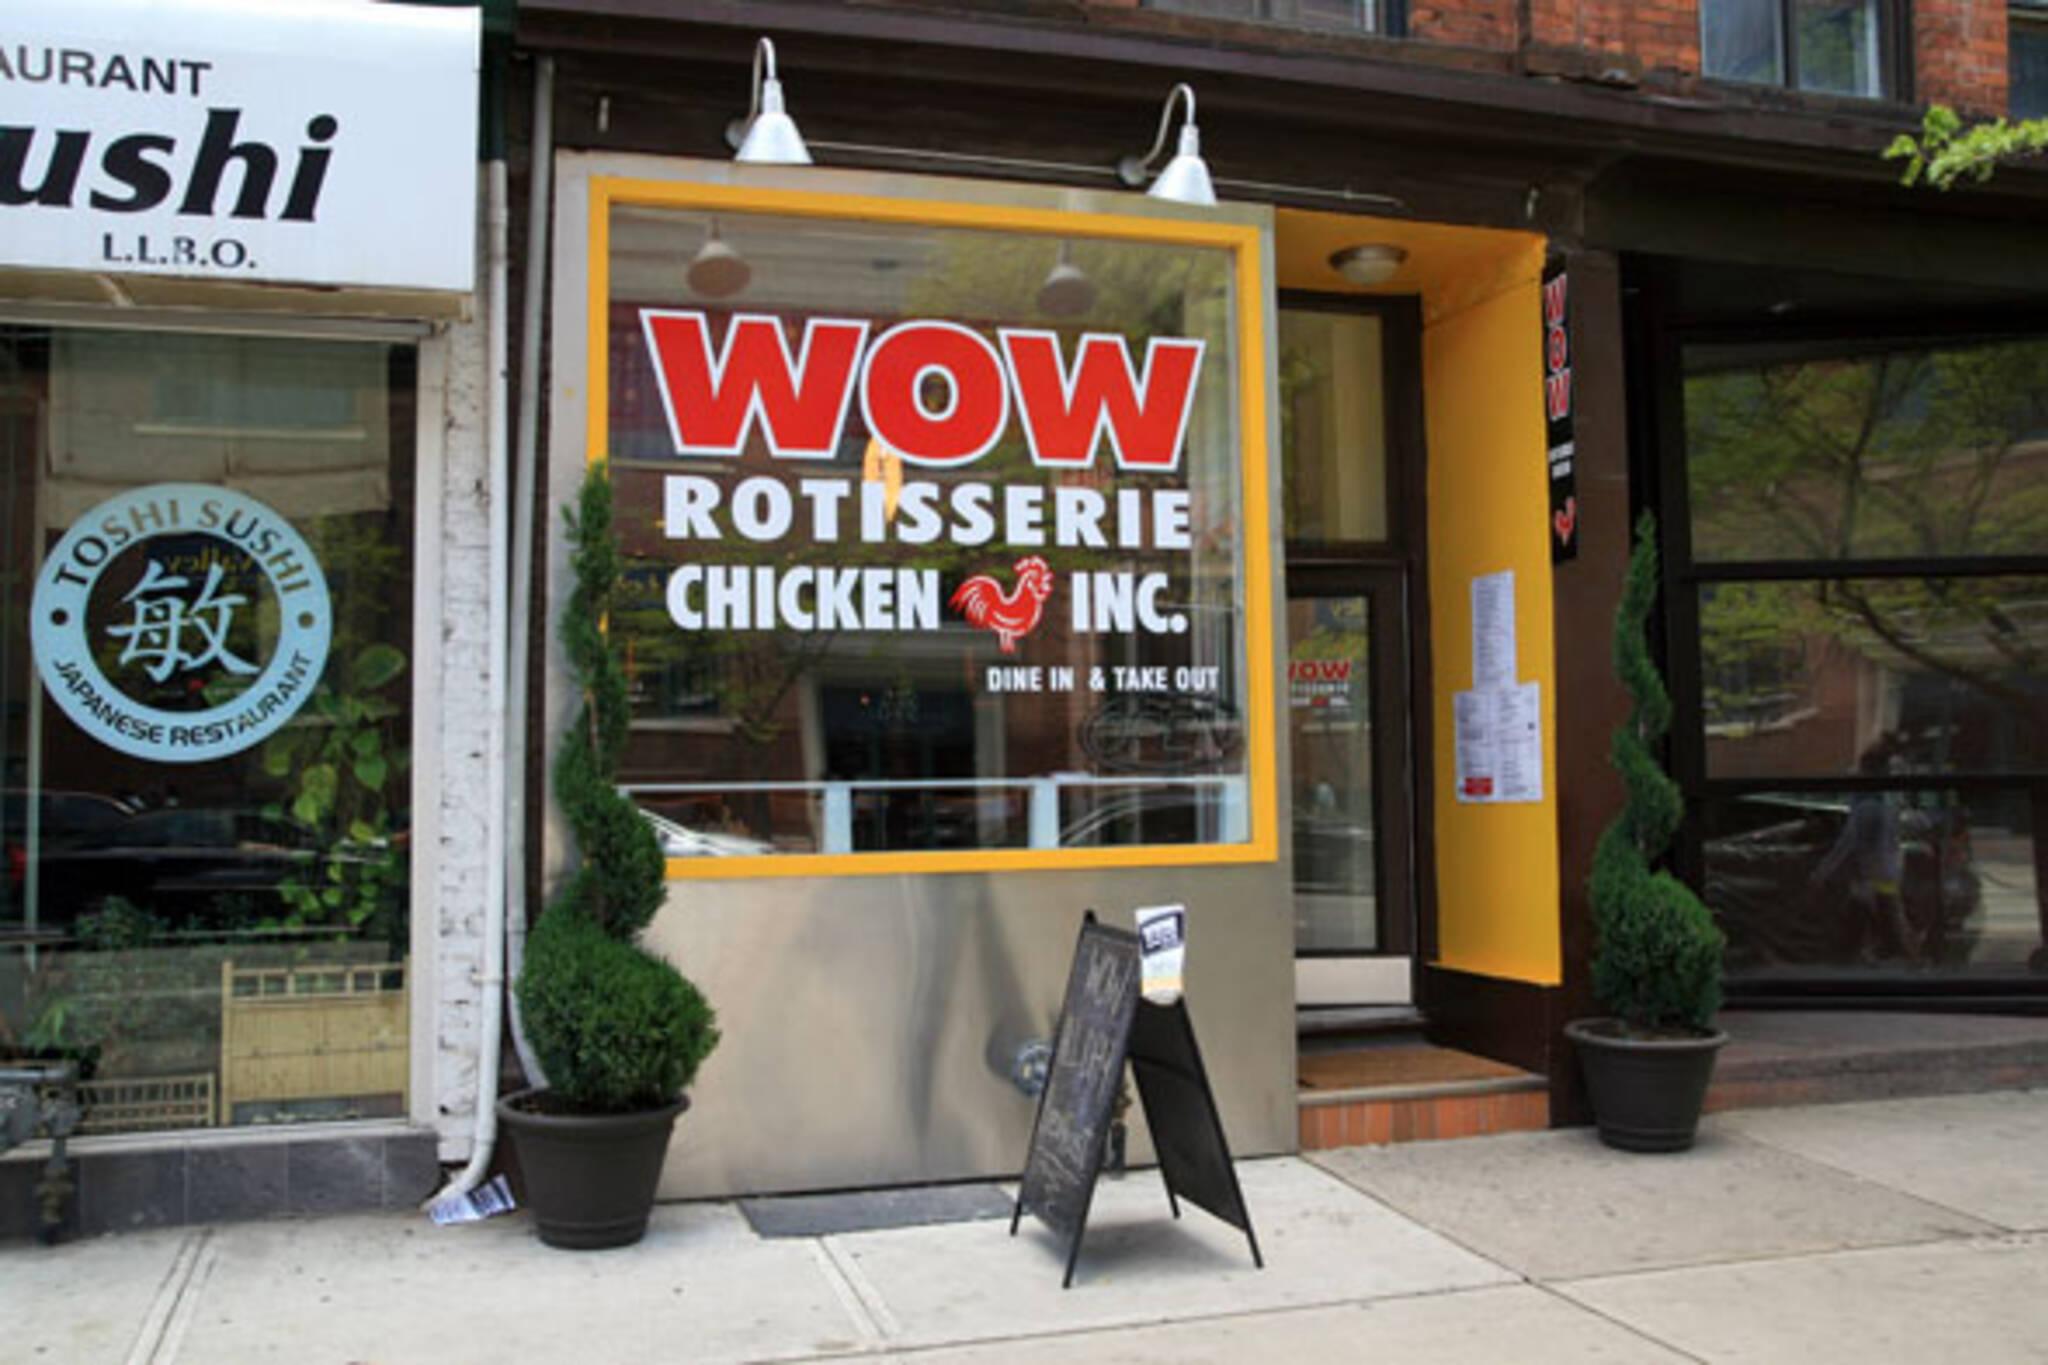 WOW Rotisserie Chicken